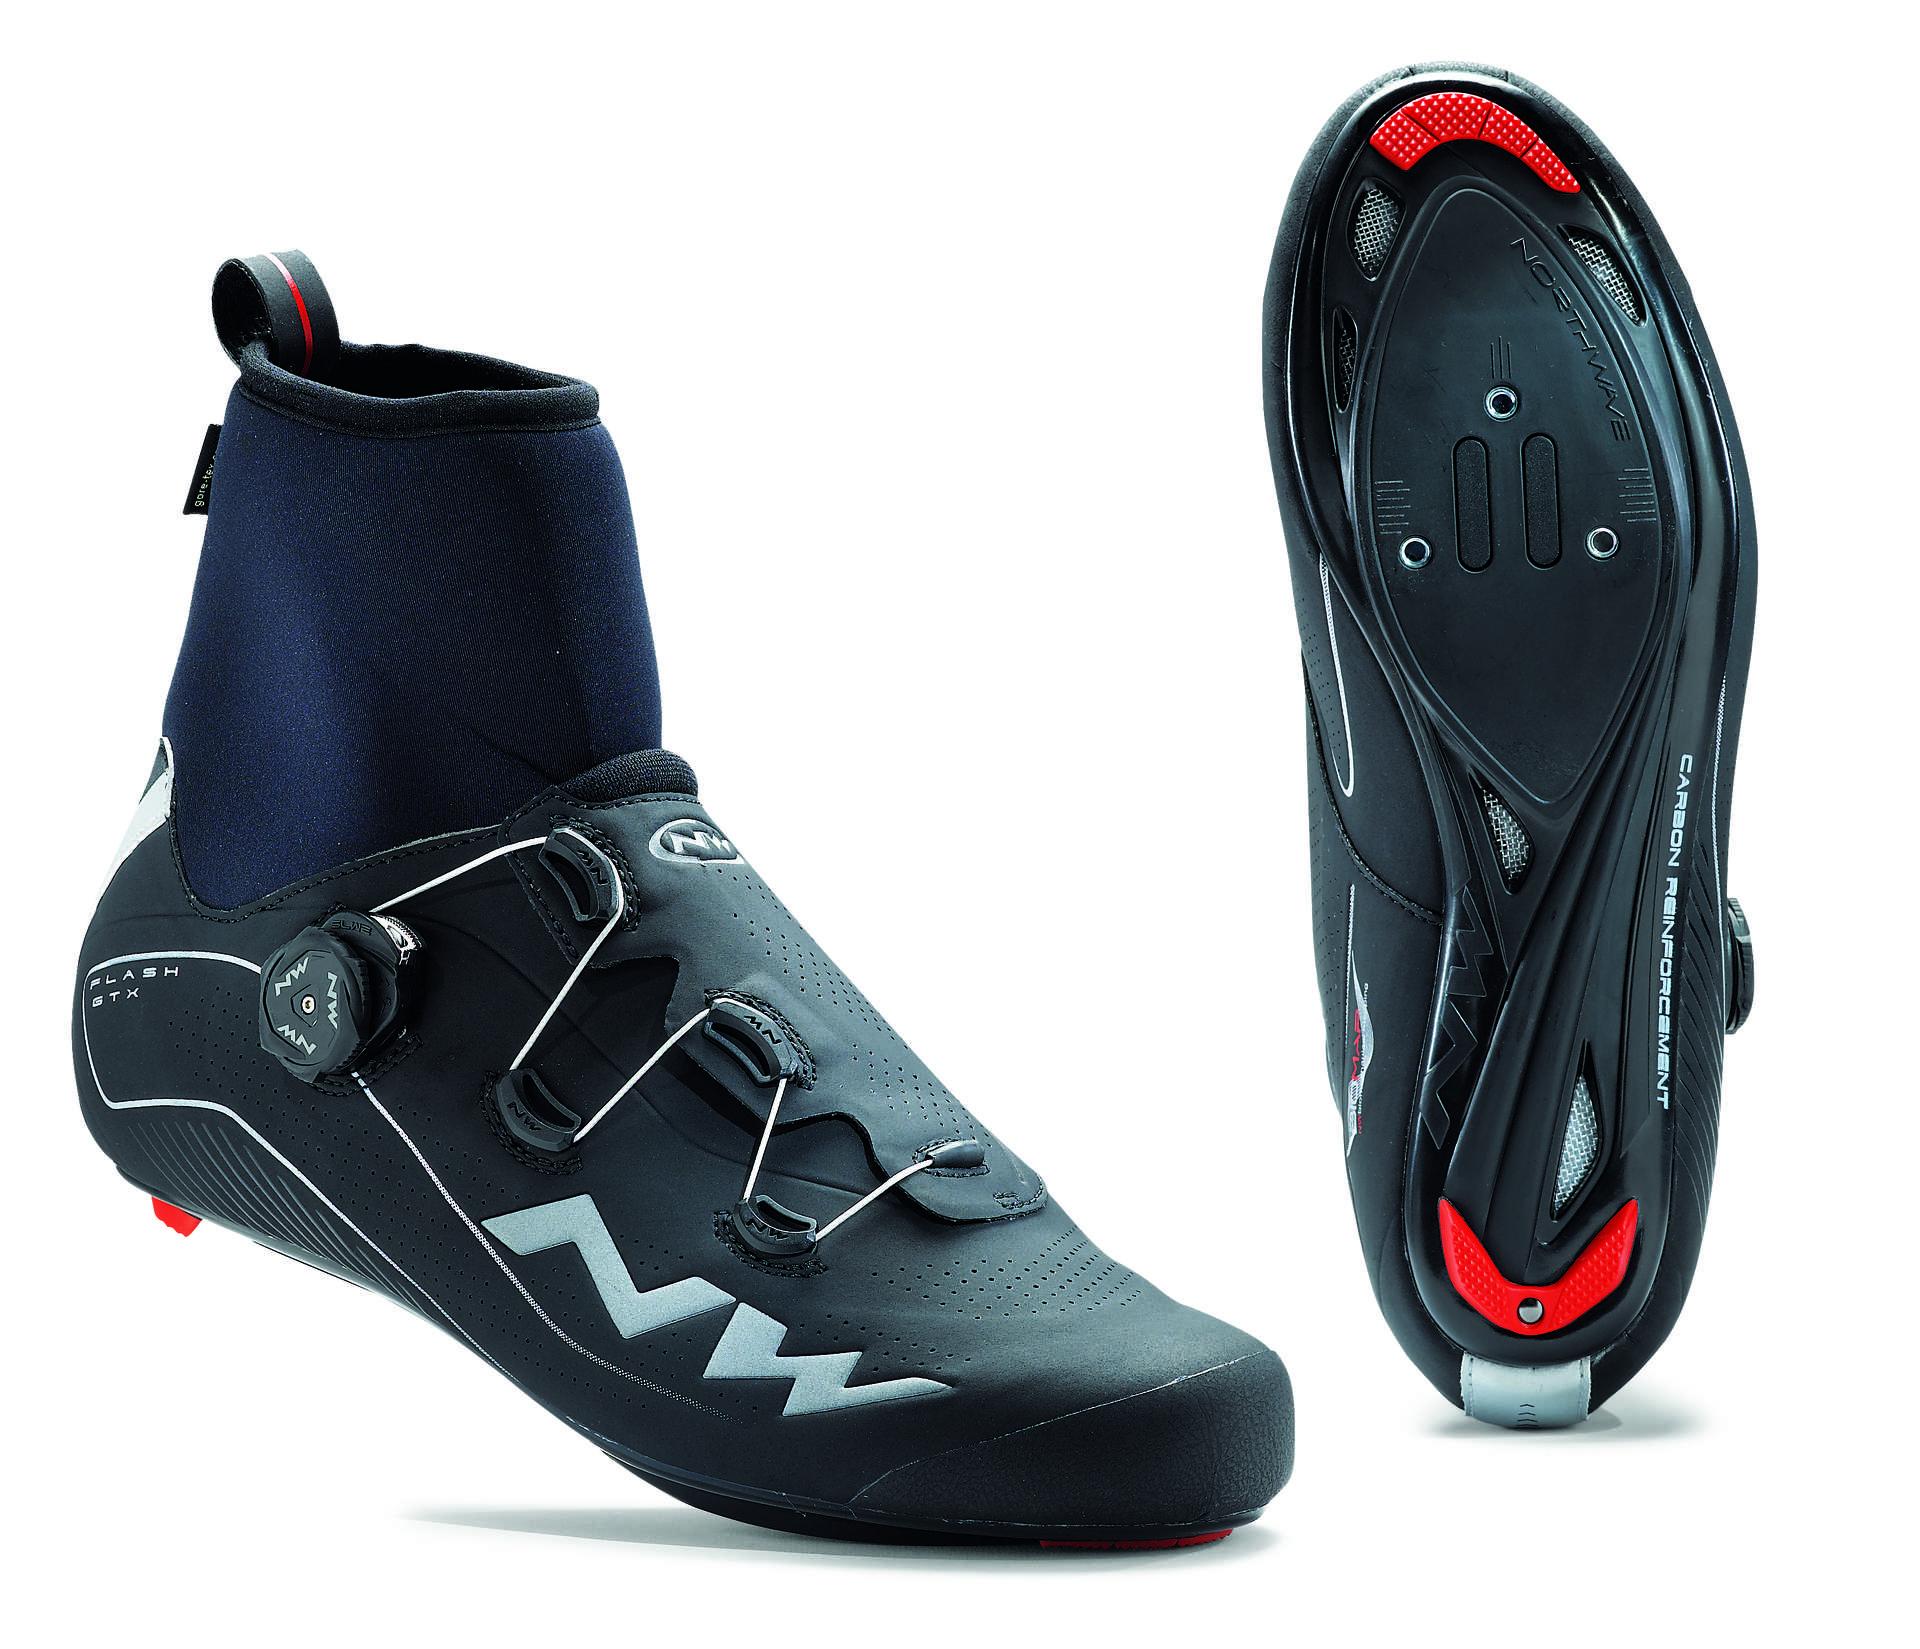 2d550e8e546 Northwave Flash GTX Raceschoenen Zwart Heren koop je bij Futurumshop.nl